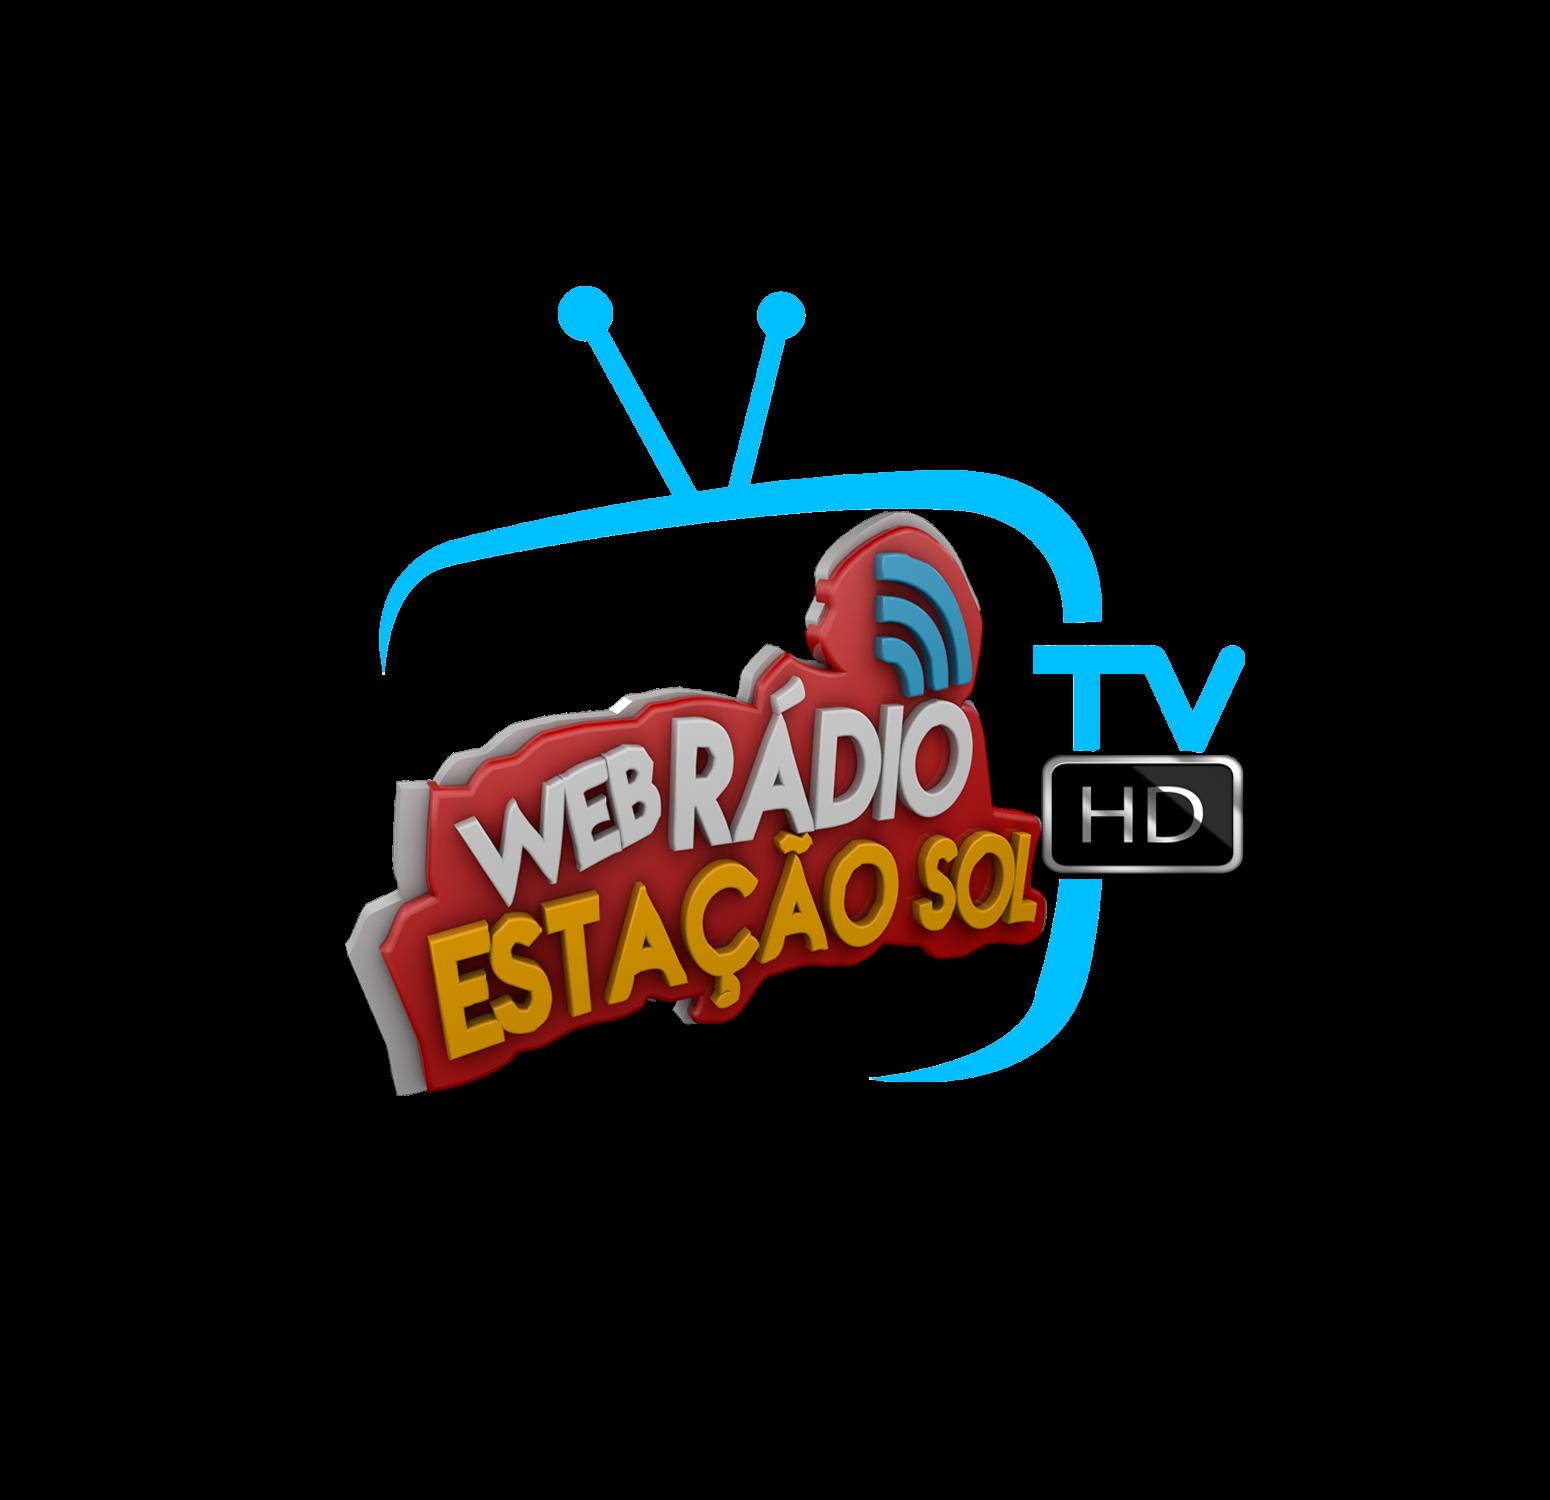 Web TV Rádio Estação Sol